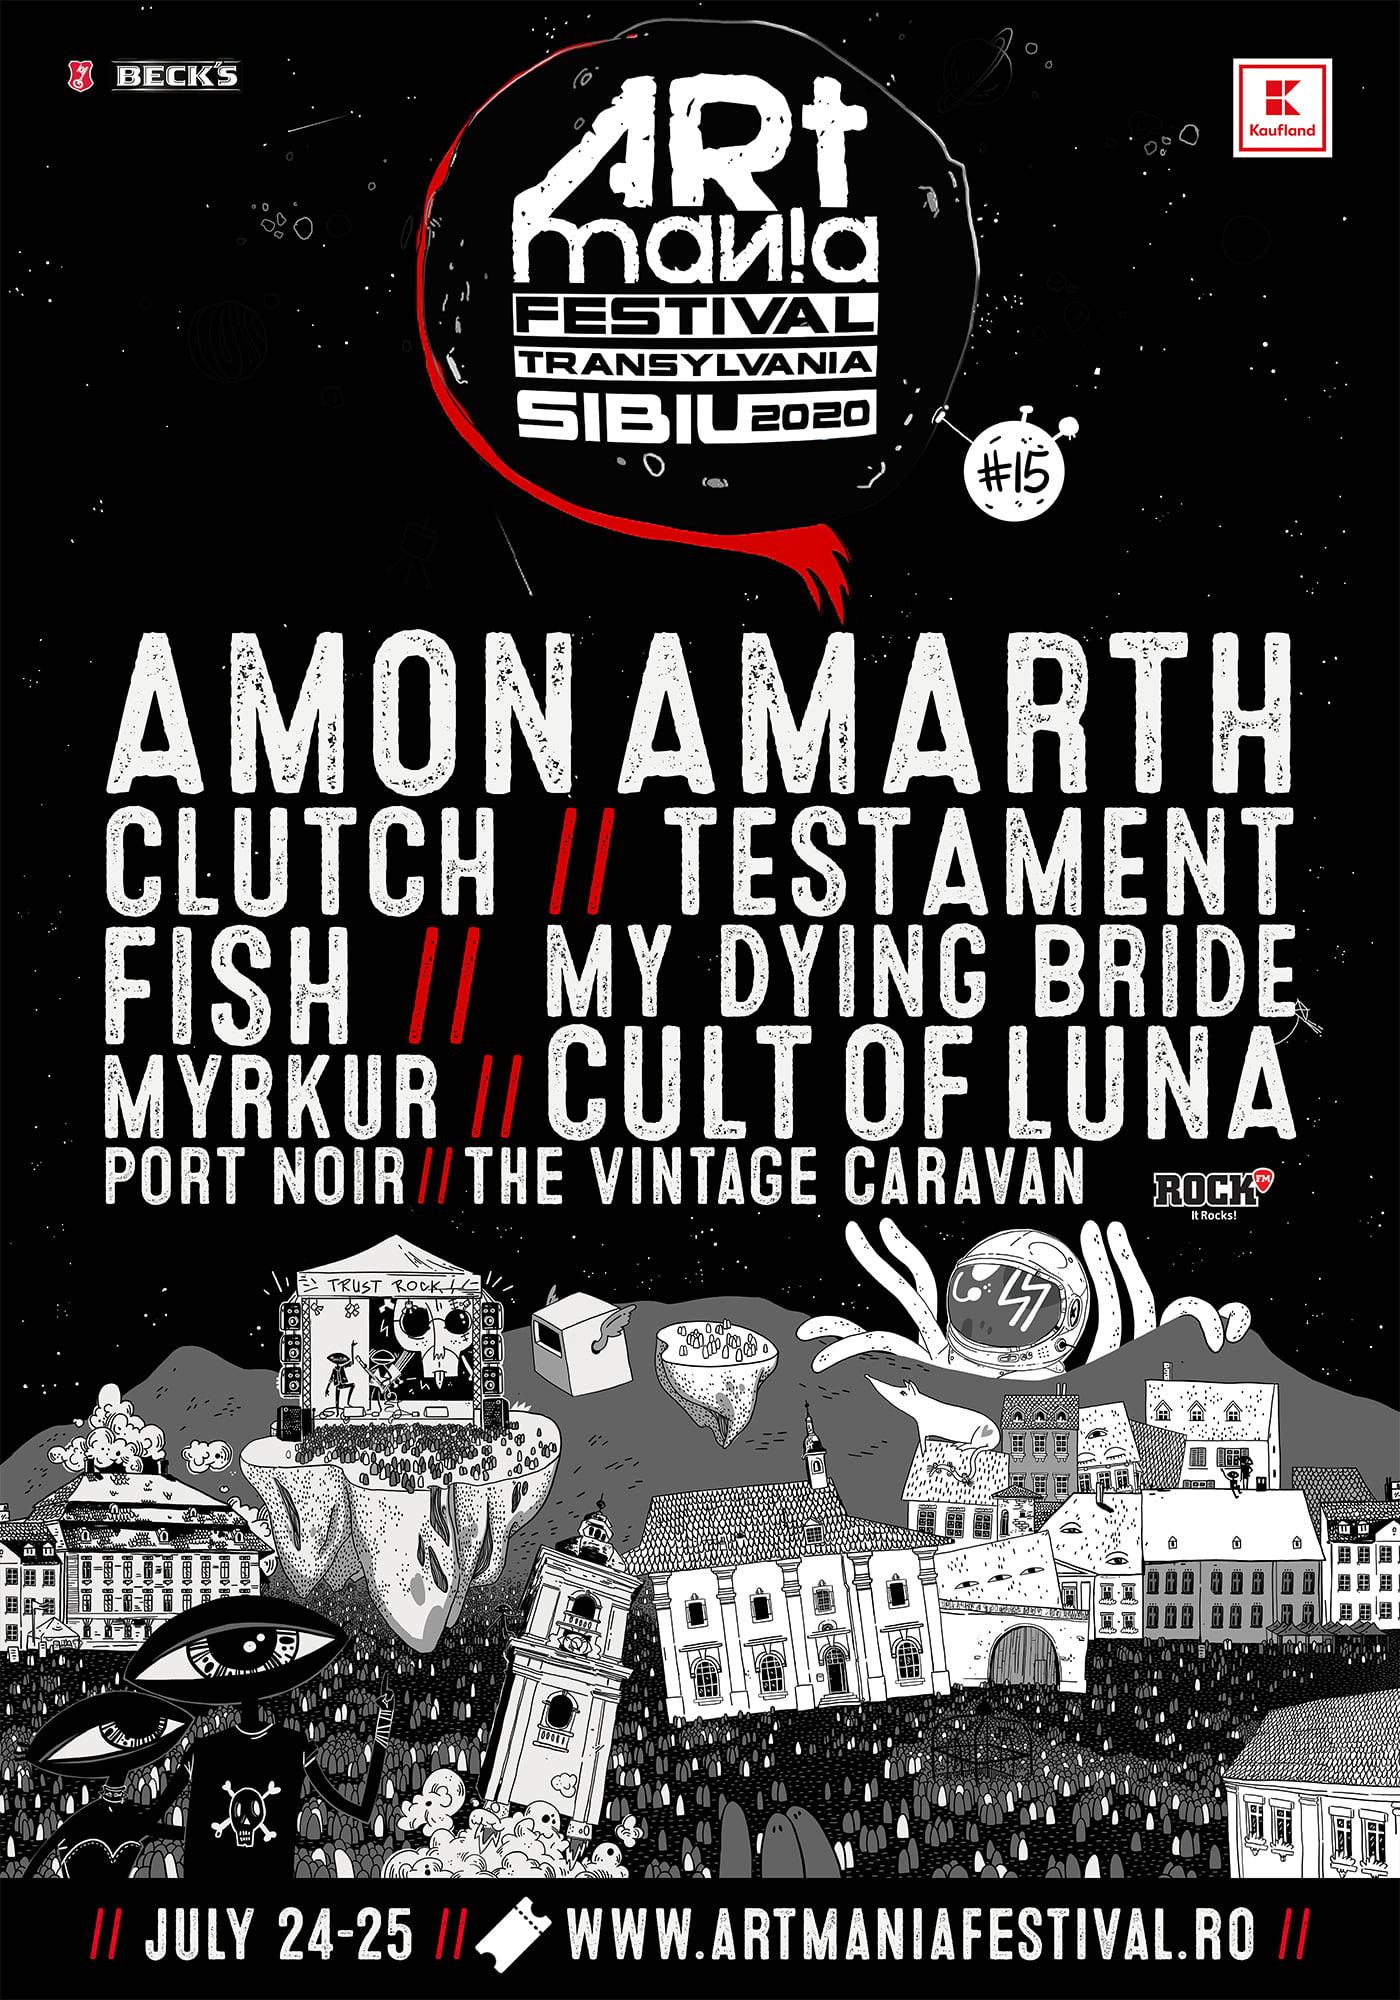 Noi confirmări și premiere în line-up-ul ARTmania Festival 2020:  •Fish, Port Noir și Testament fac parte din cel de-al doilea val de artiști confirmați   • •Abonamentele sunt disponibile pe artmaniafestival.ro, blt.ro, iabilet.ro, kompostor.ro și eventim.ro